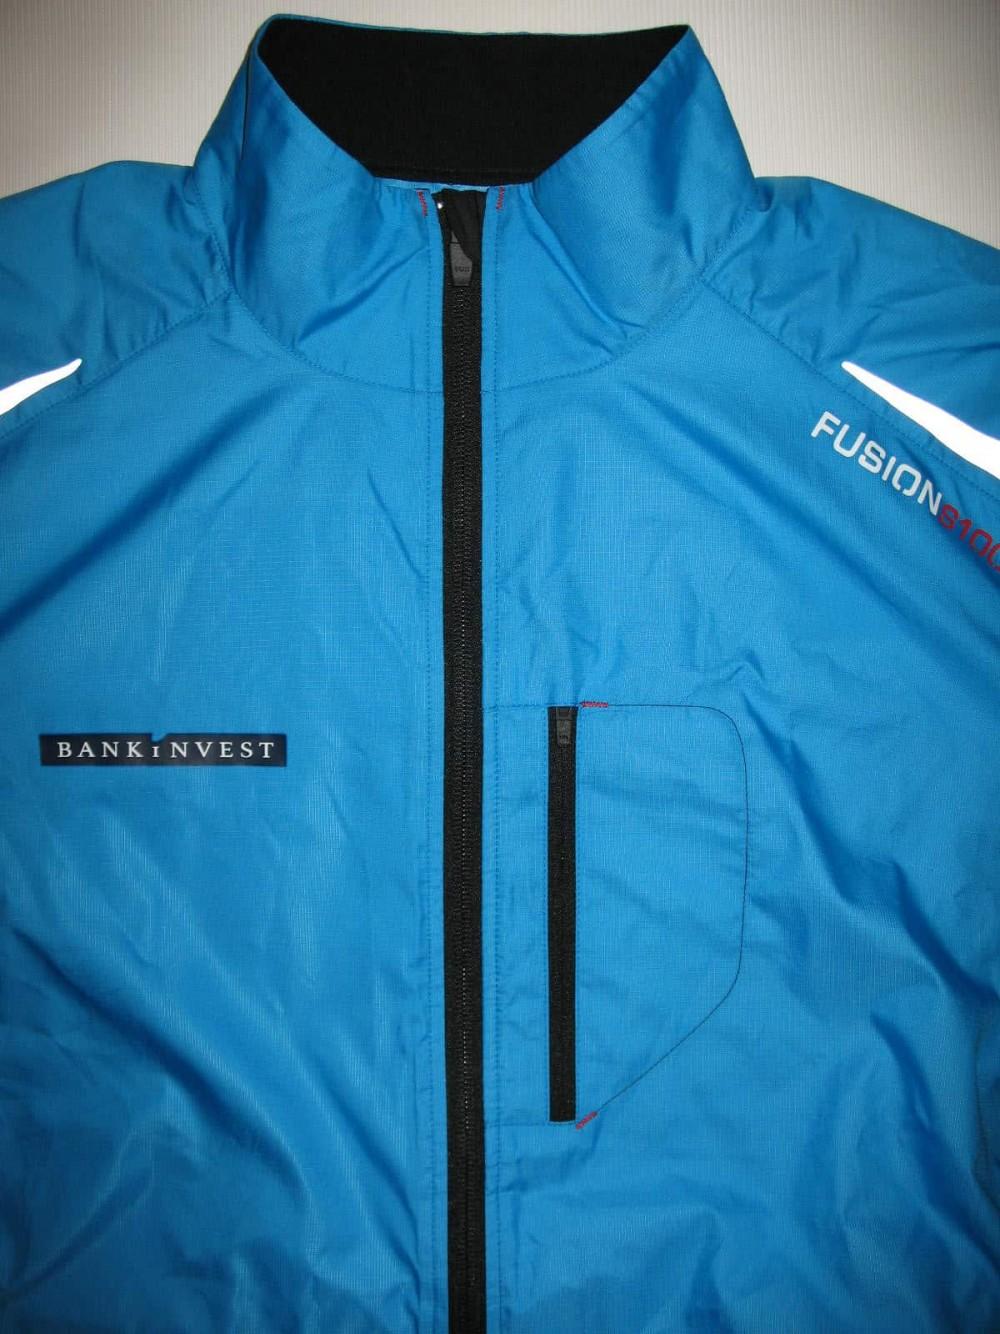 Велокуртка FUSION S100 jacket (размер L) - 3